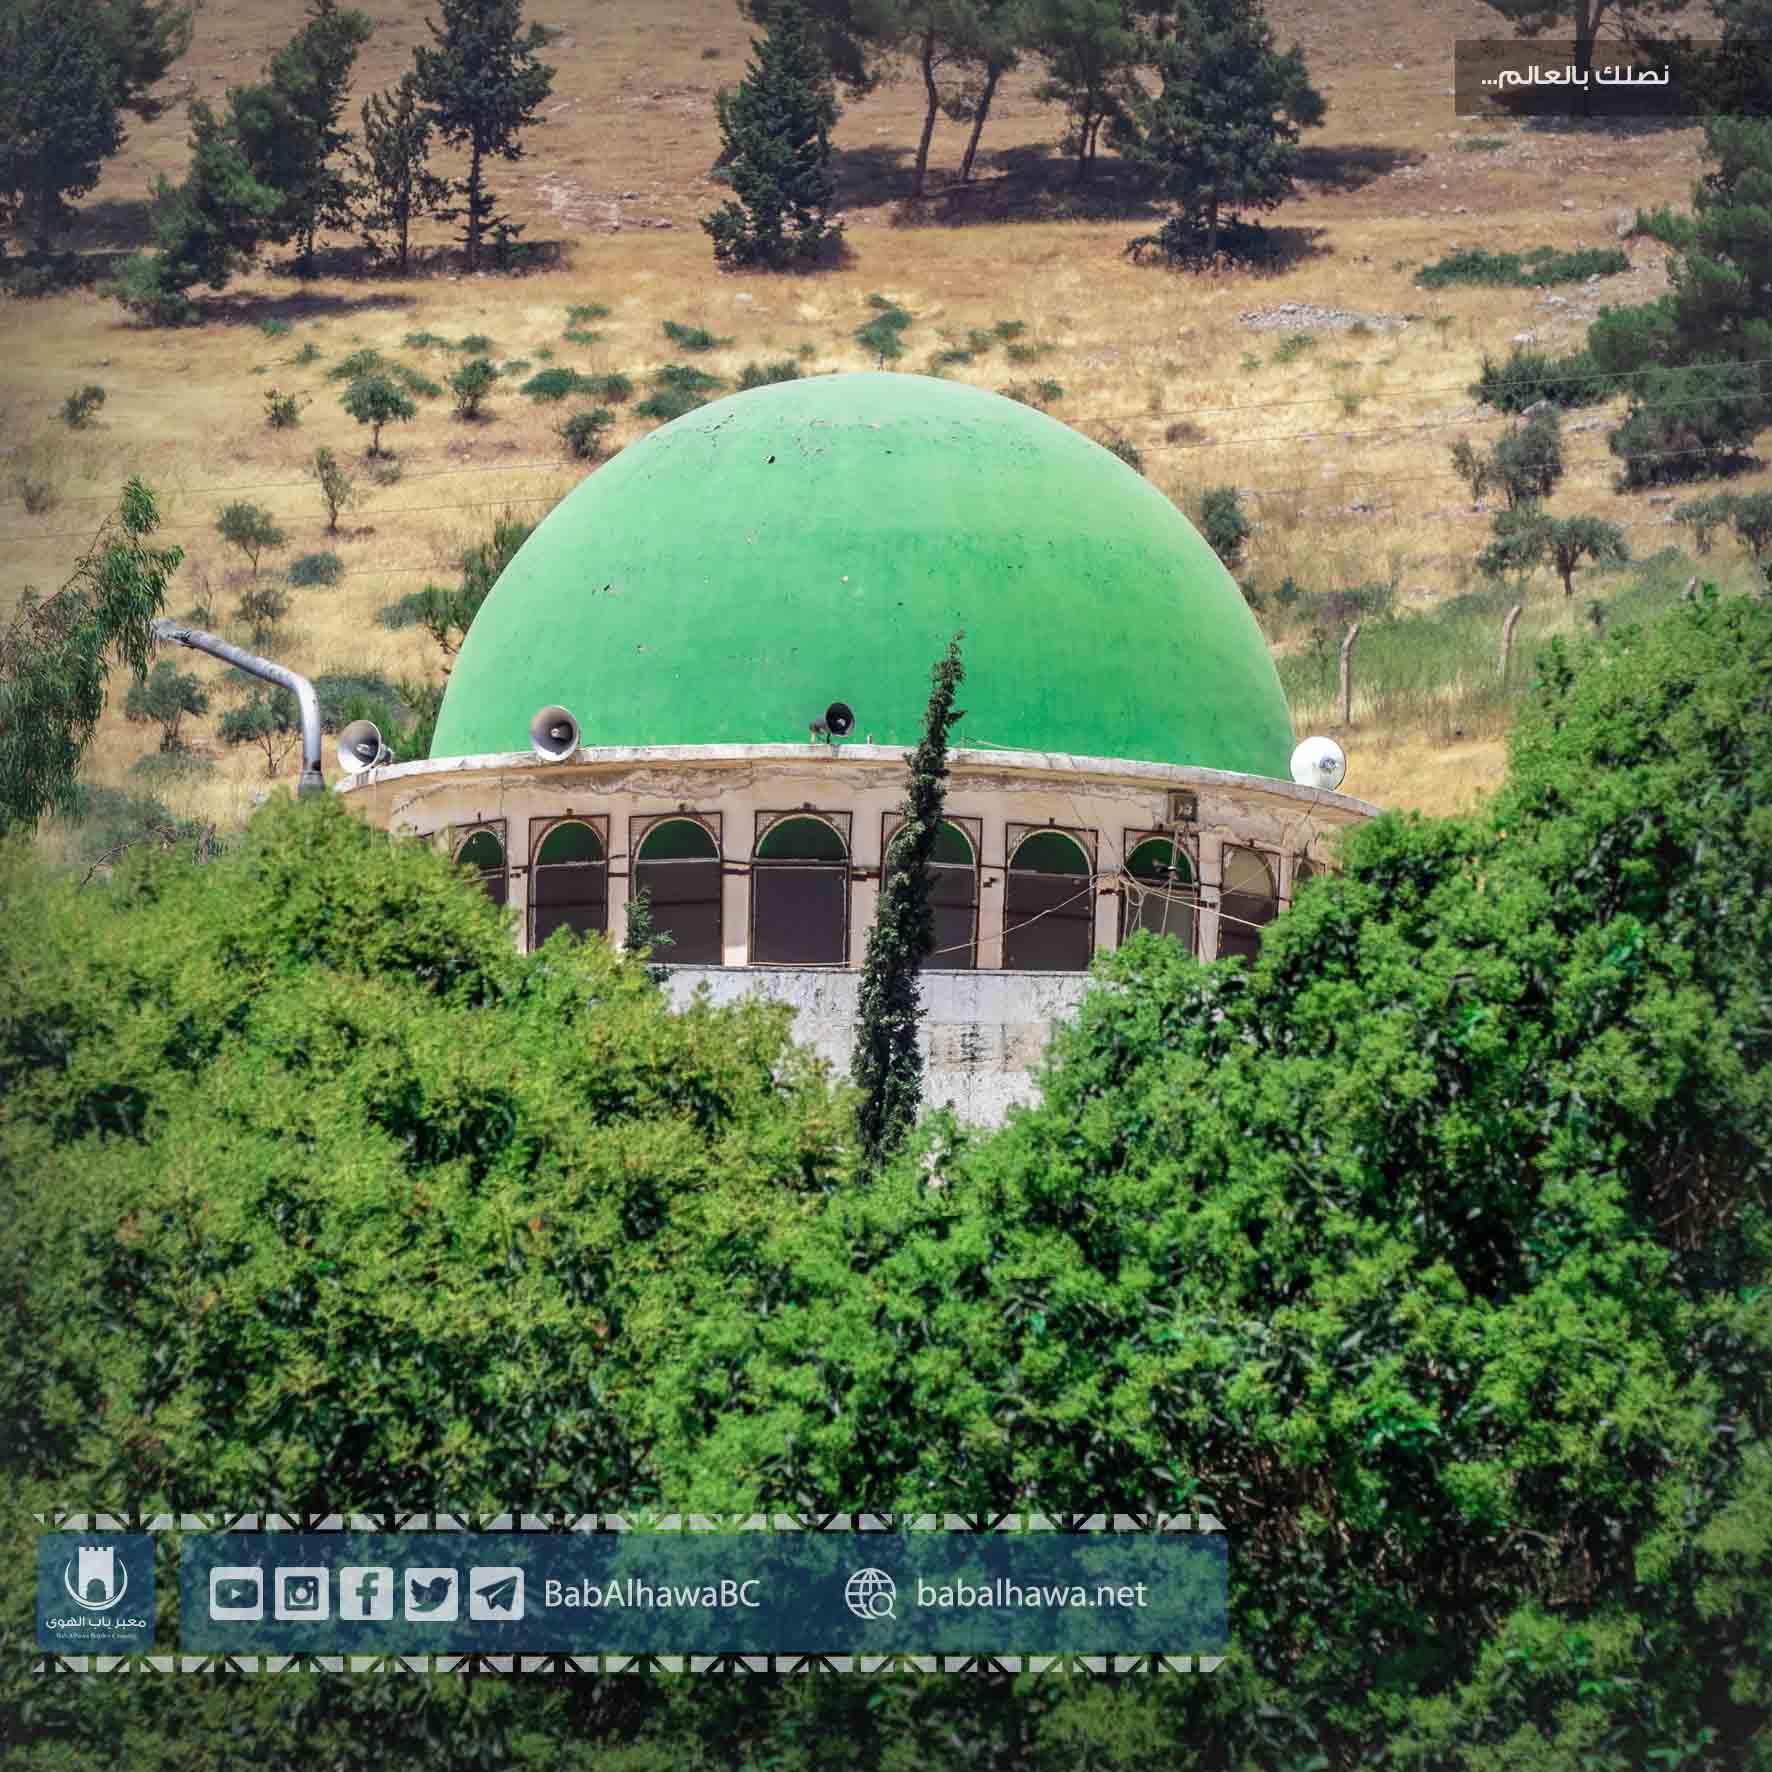 قبة مسجد معبر باب الهوى الحدودي - سوريا